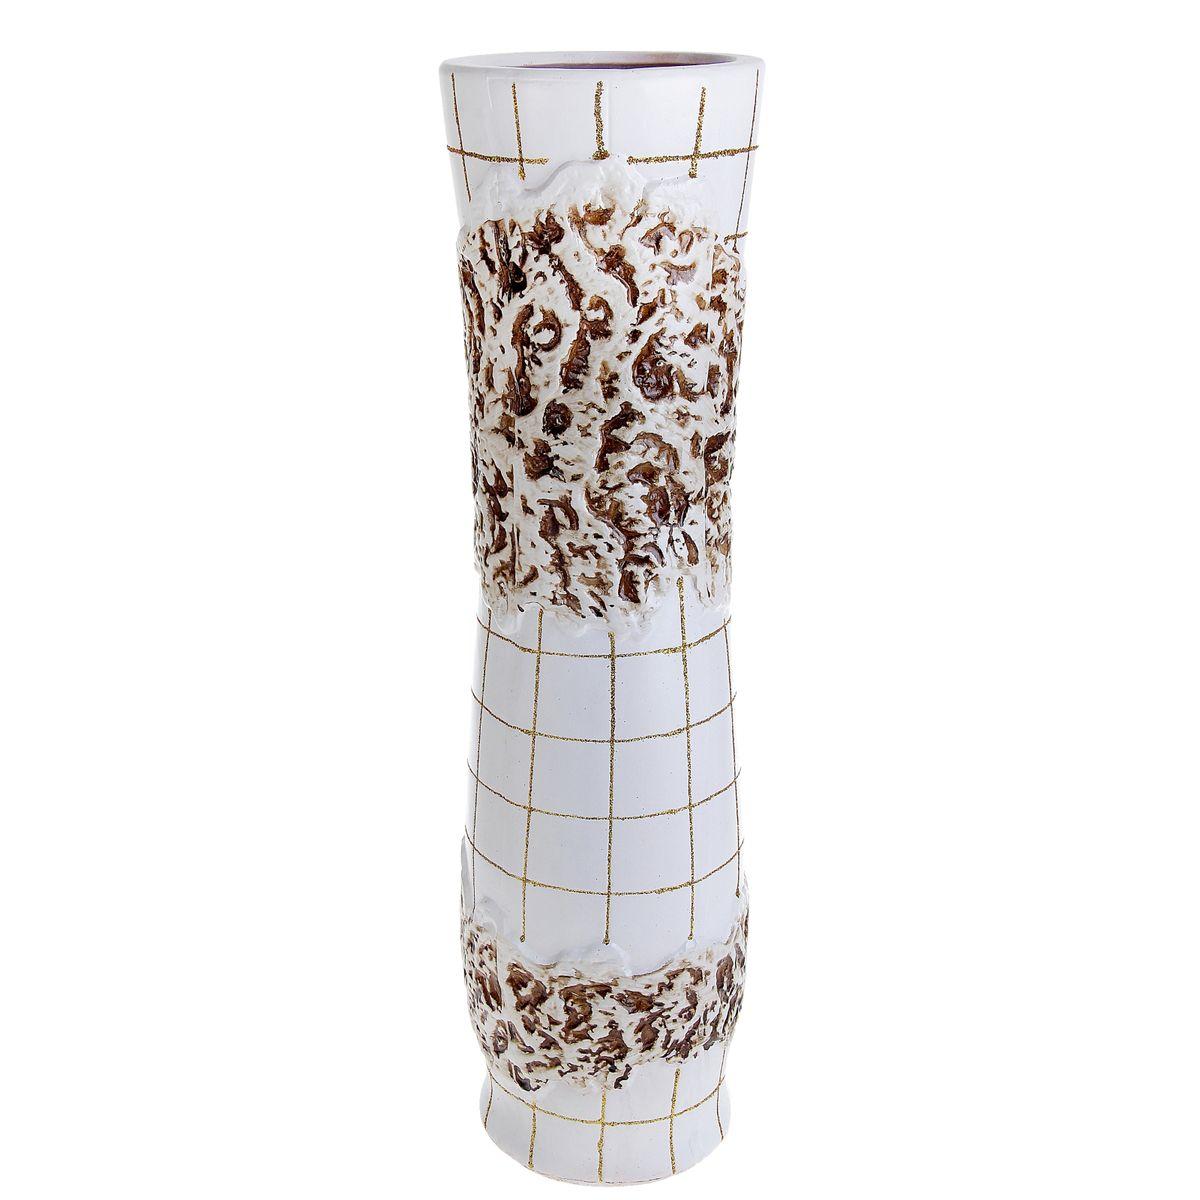 Ваза напольная Цветочная плитка, цвет: белый, высота 60 см. 913550913550Керамика